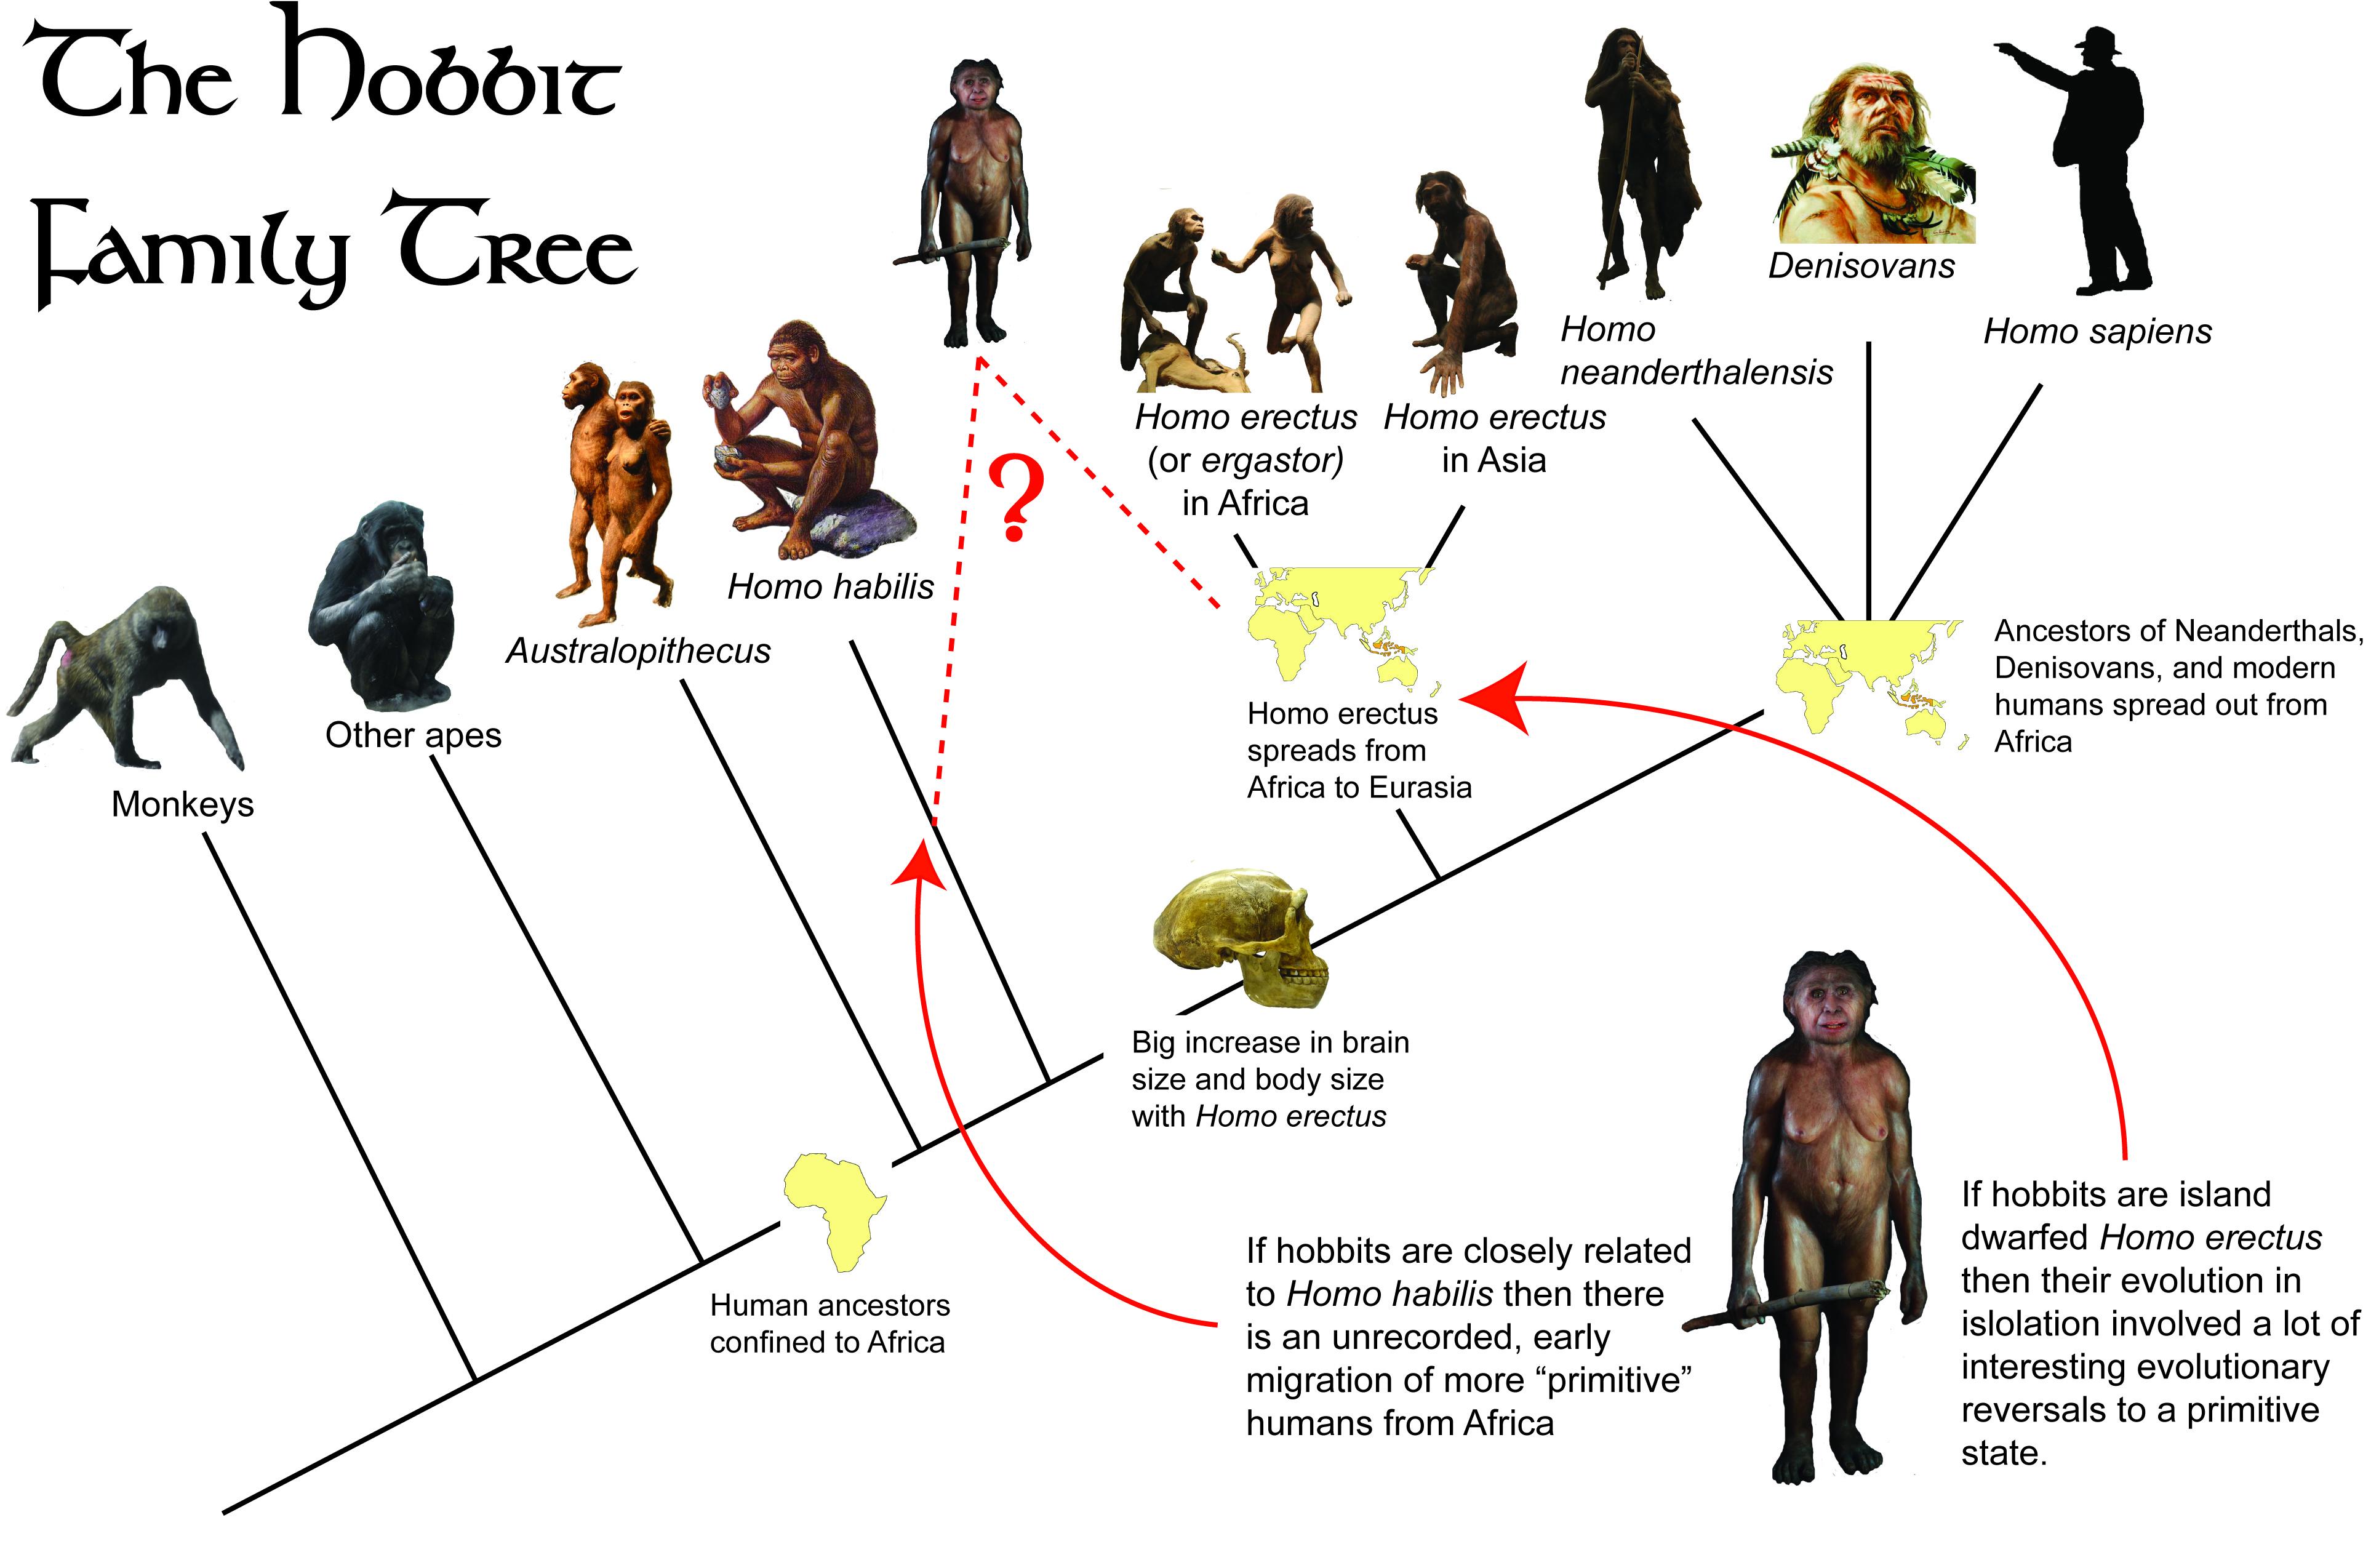 The Hobbit Family Tree